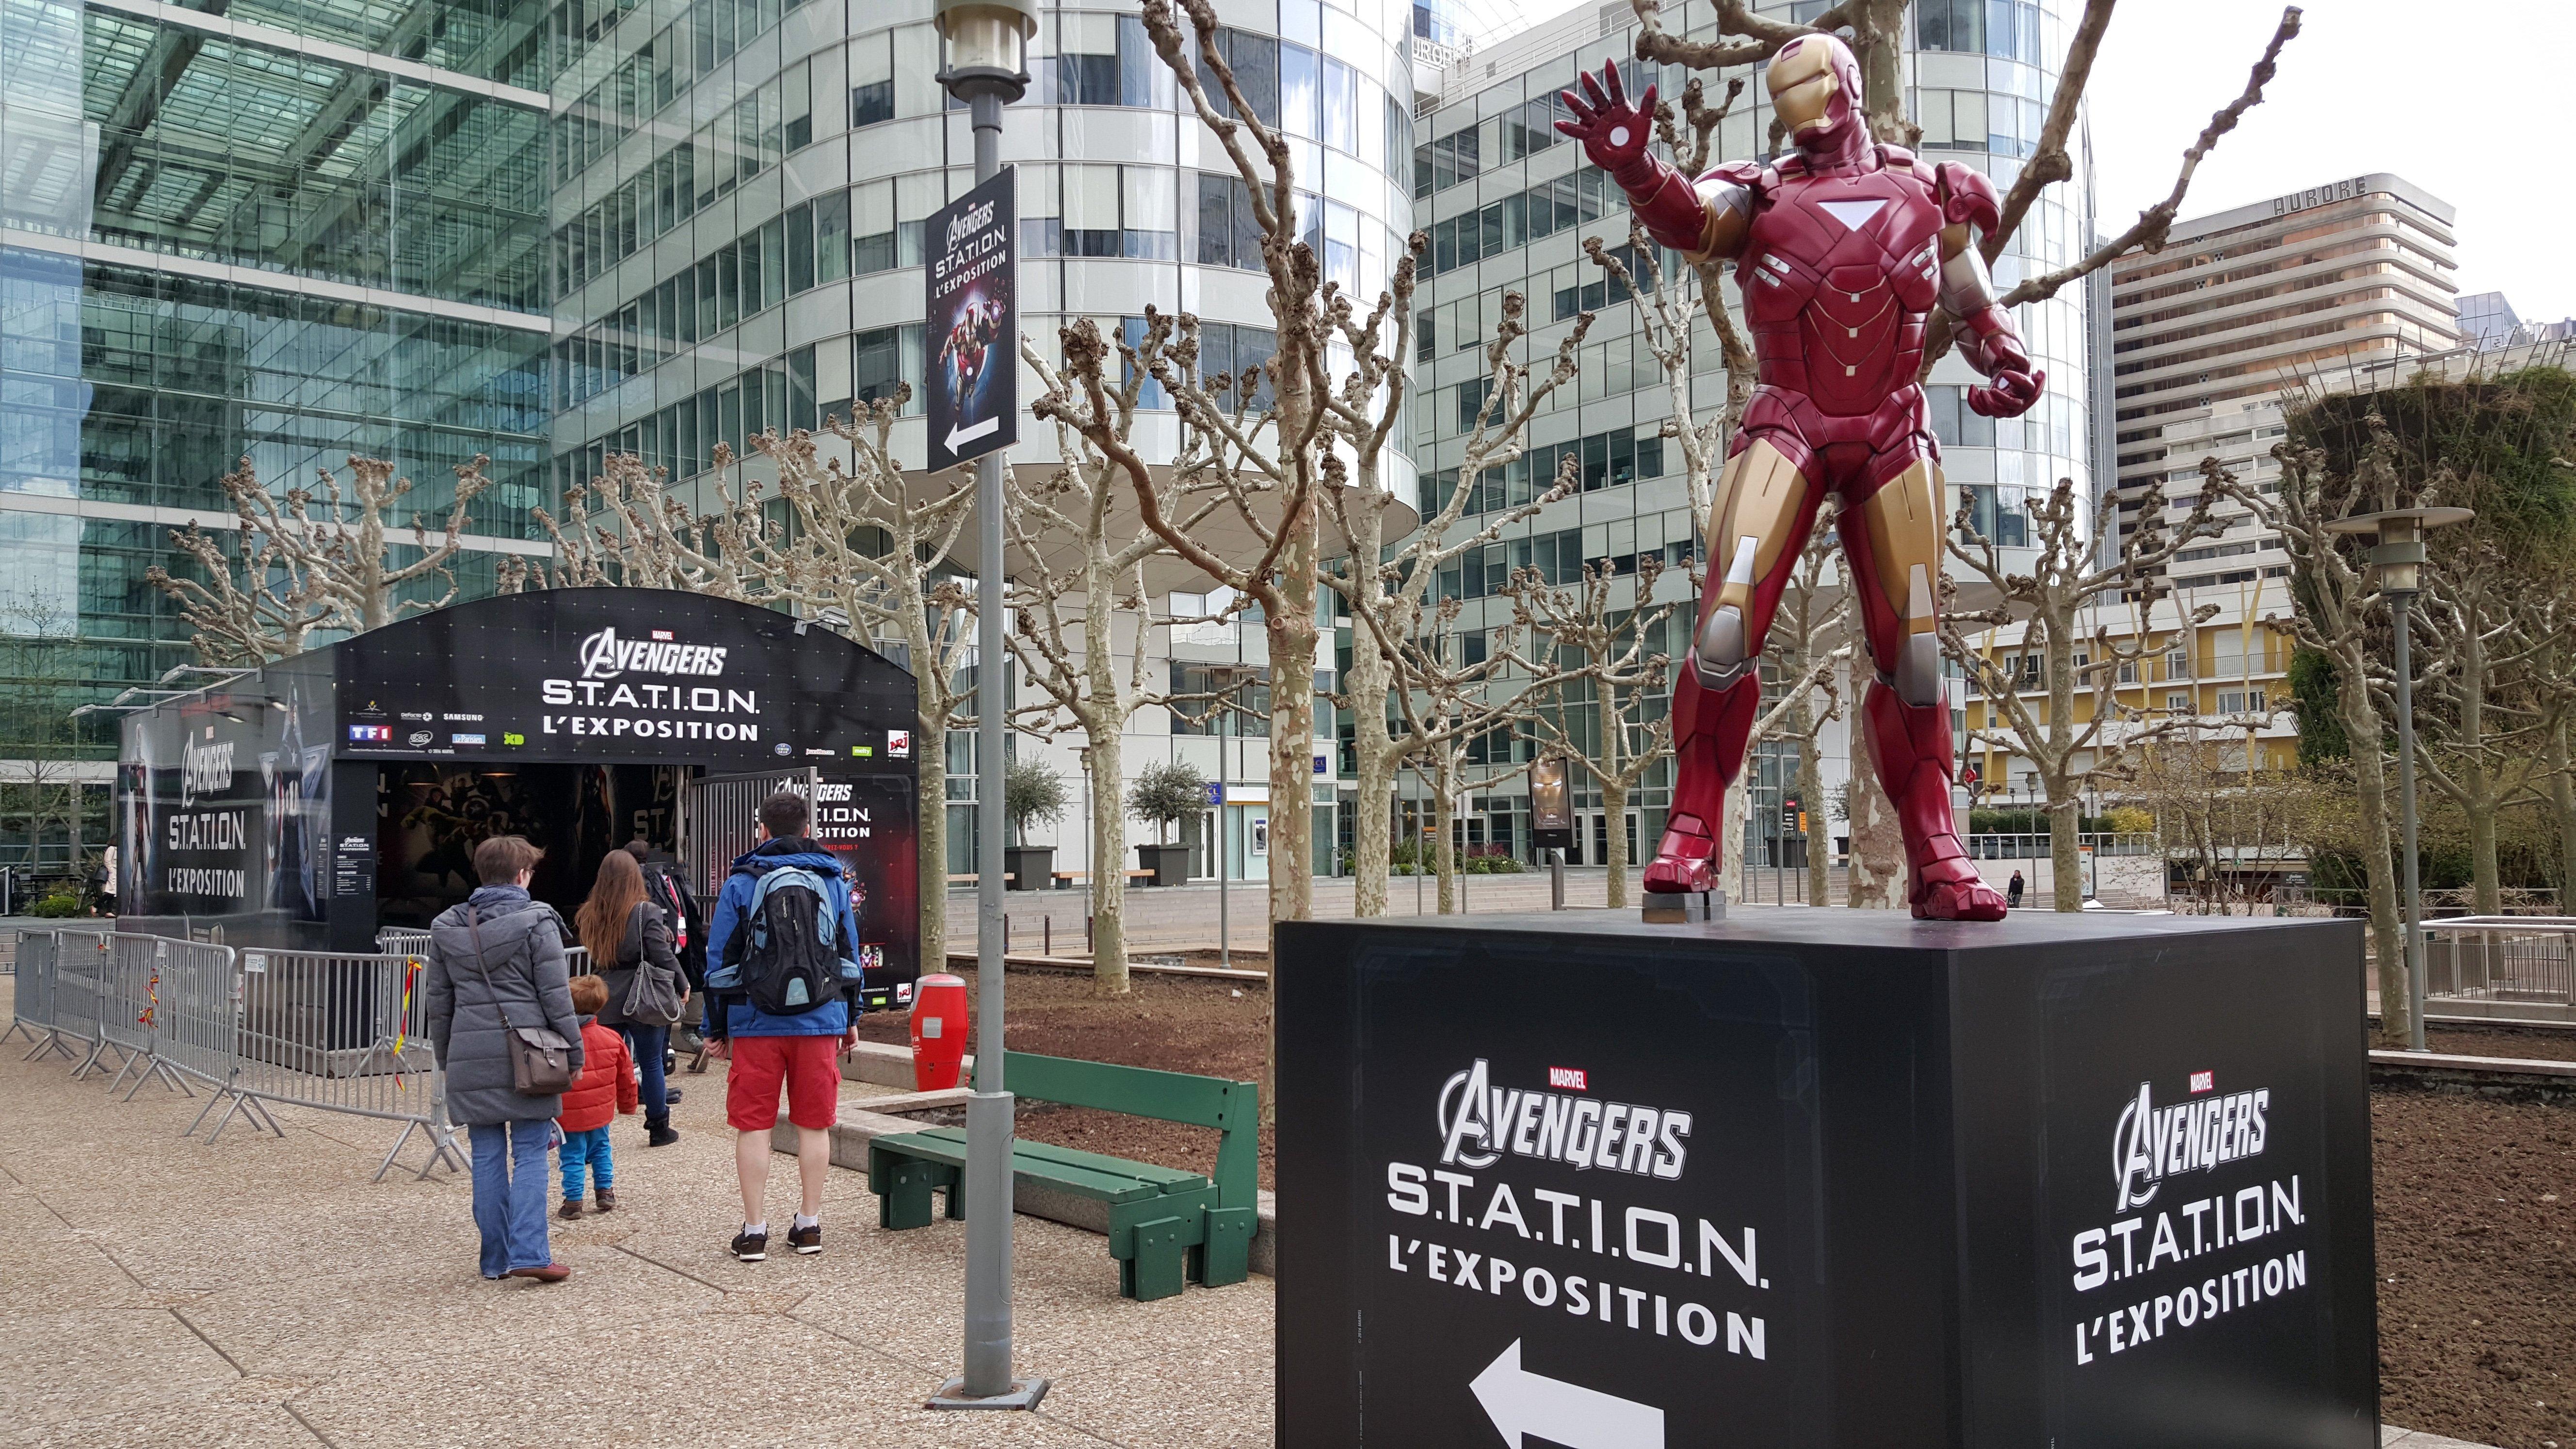 Exposition marvel avengers s t a t i o n paris for Exposition jardin paris 2016